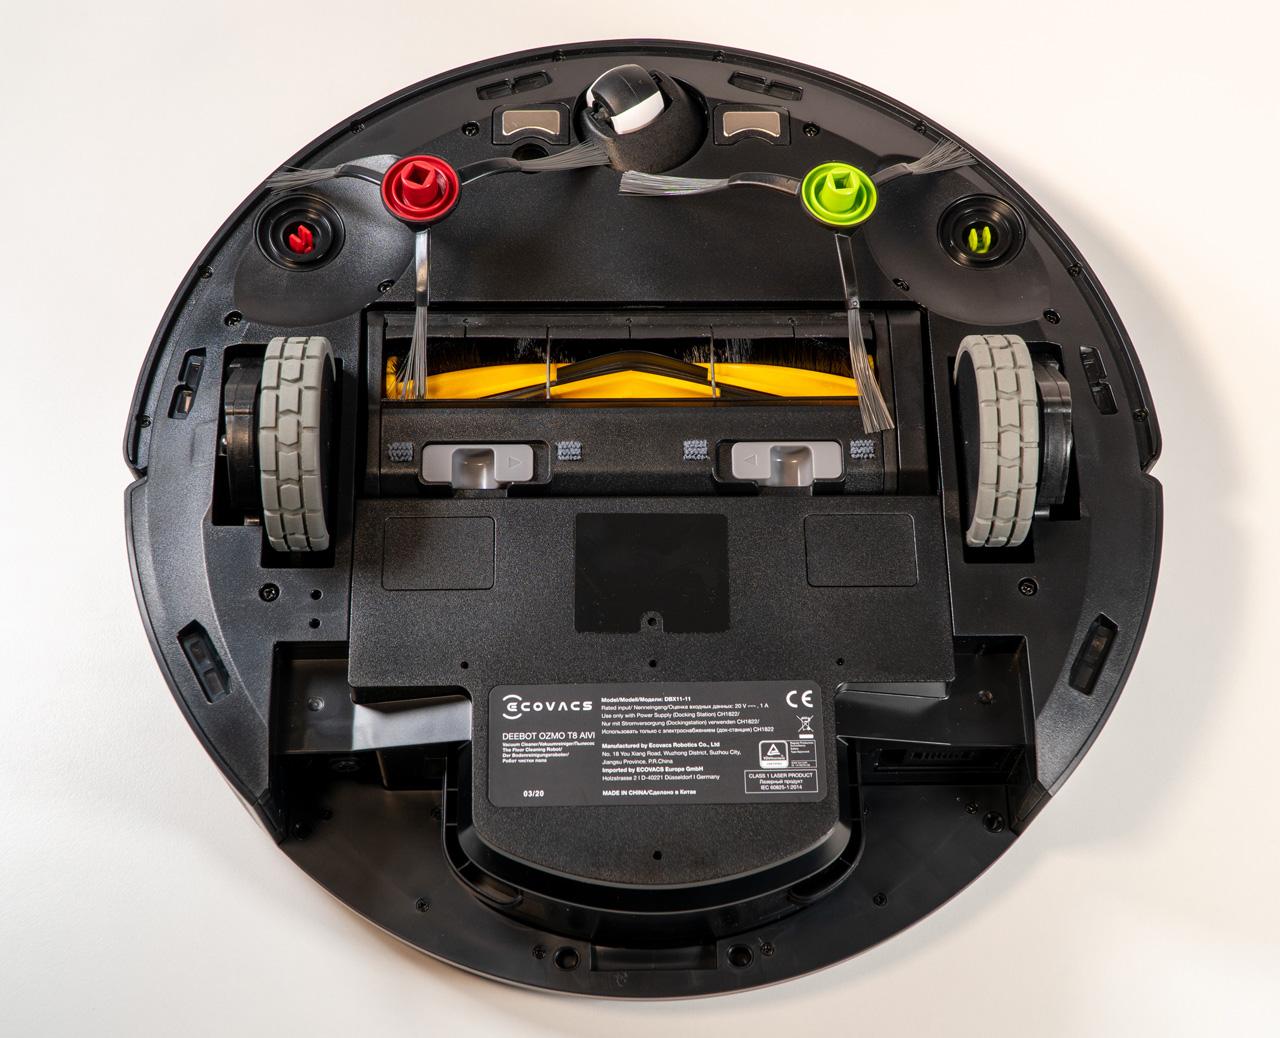 Обзор Ecovacs Deebot Ozmo T8 AIVI: робот-пылесос с камерой